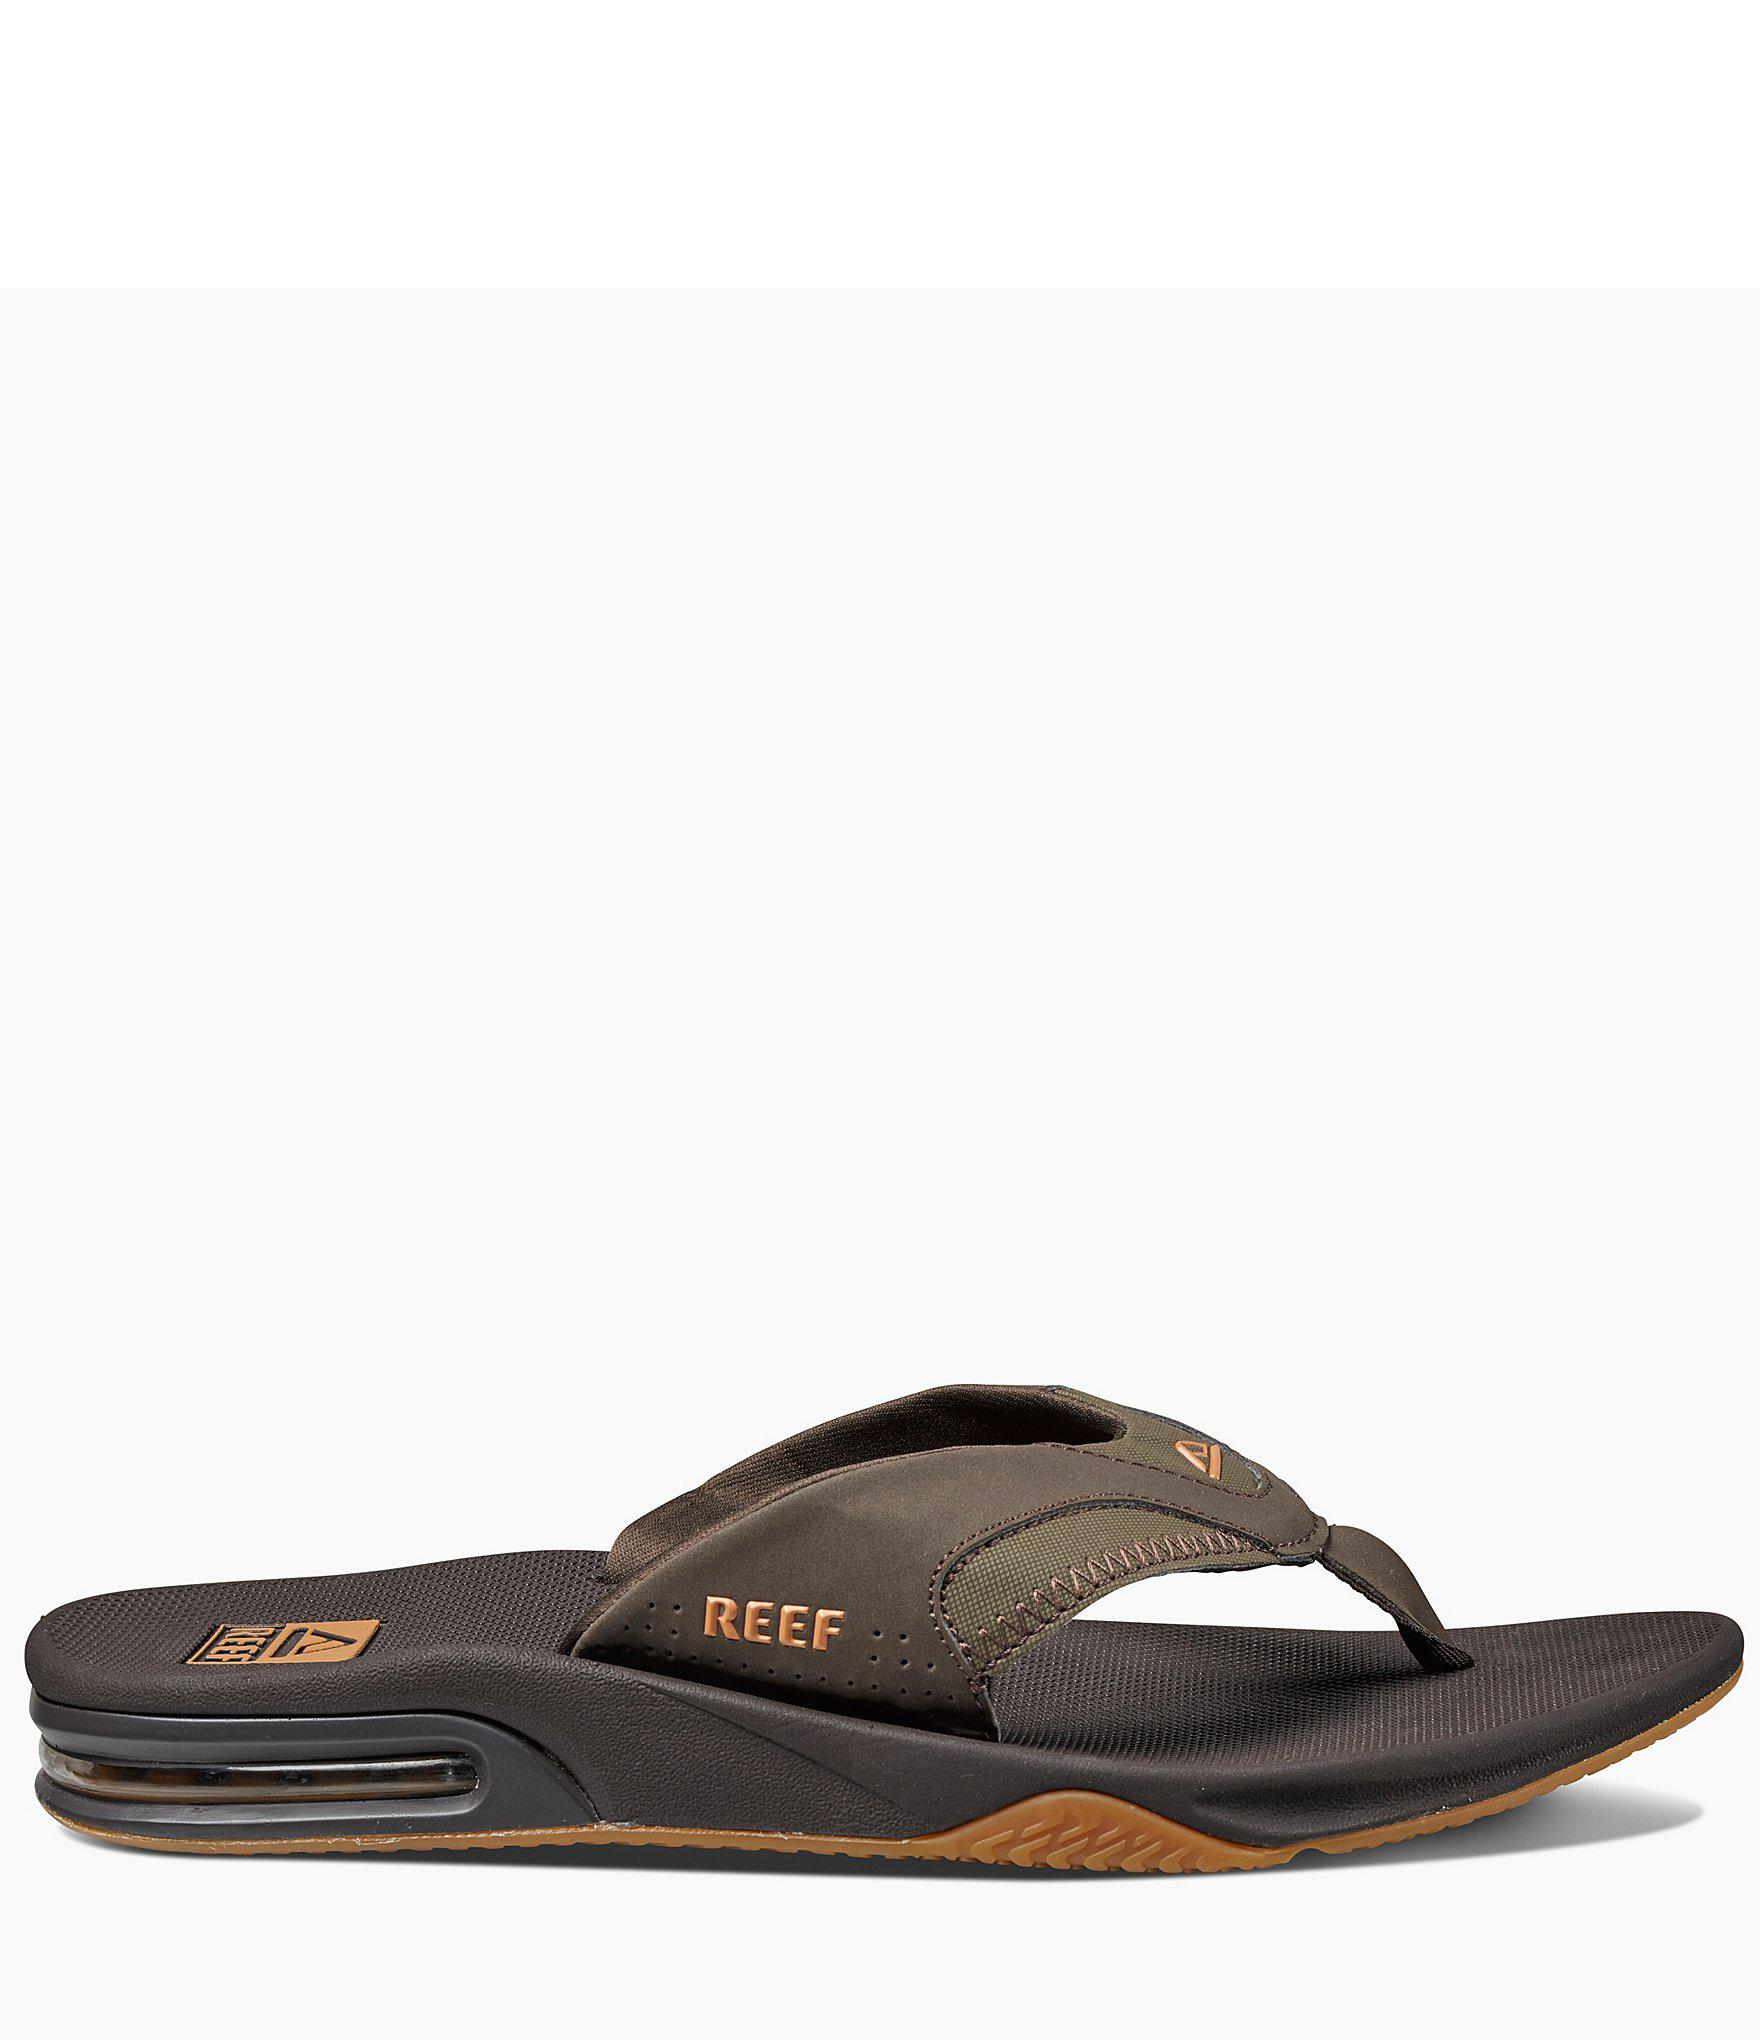 3378e566c11b Reef - Green Fanning Thong Sandals for Men - Lyst. View fullscreen